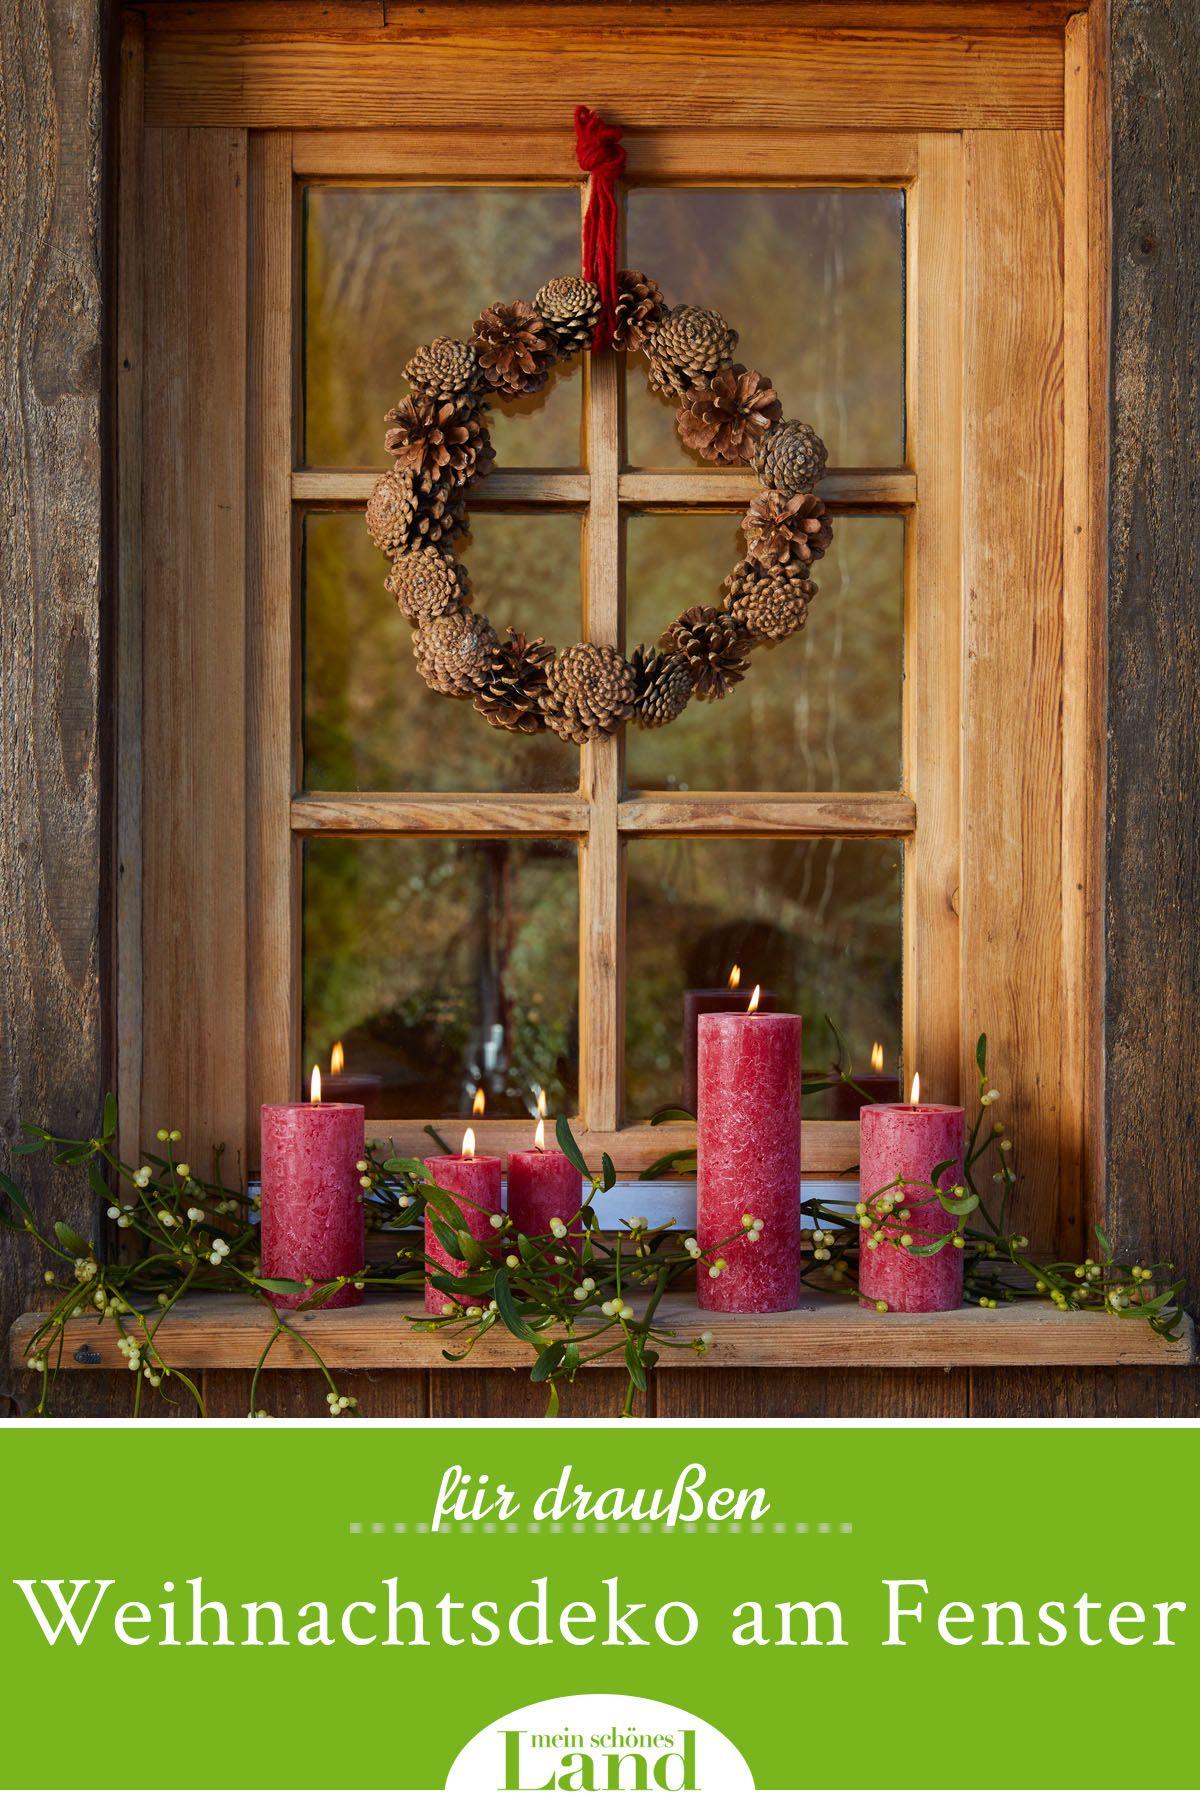 Weihnachtsdeko für das Fenster außen